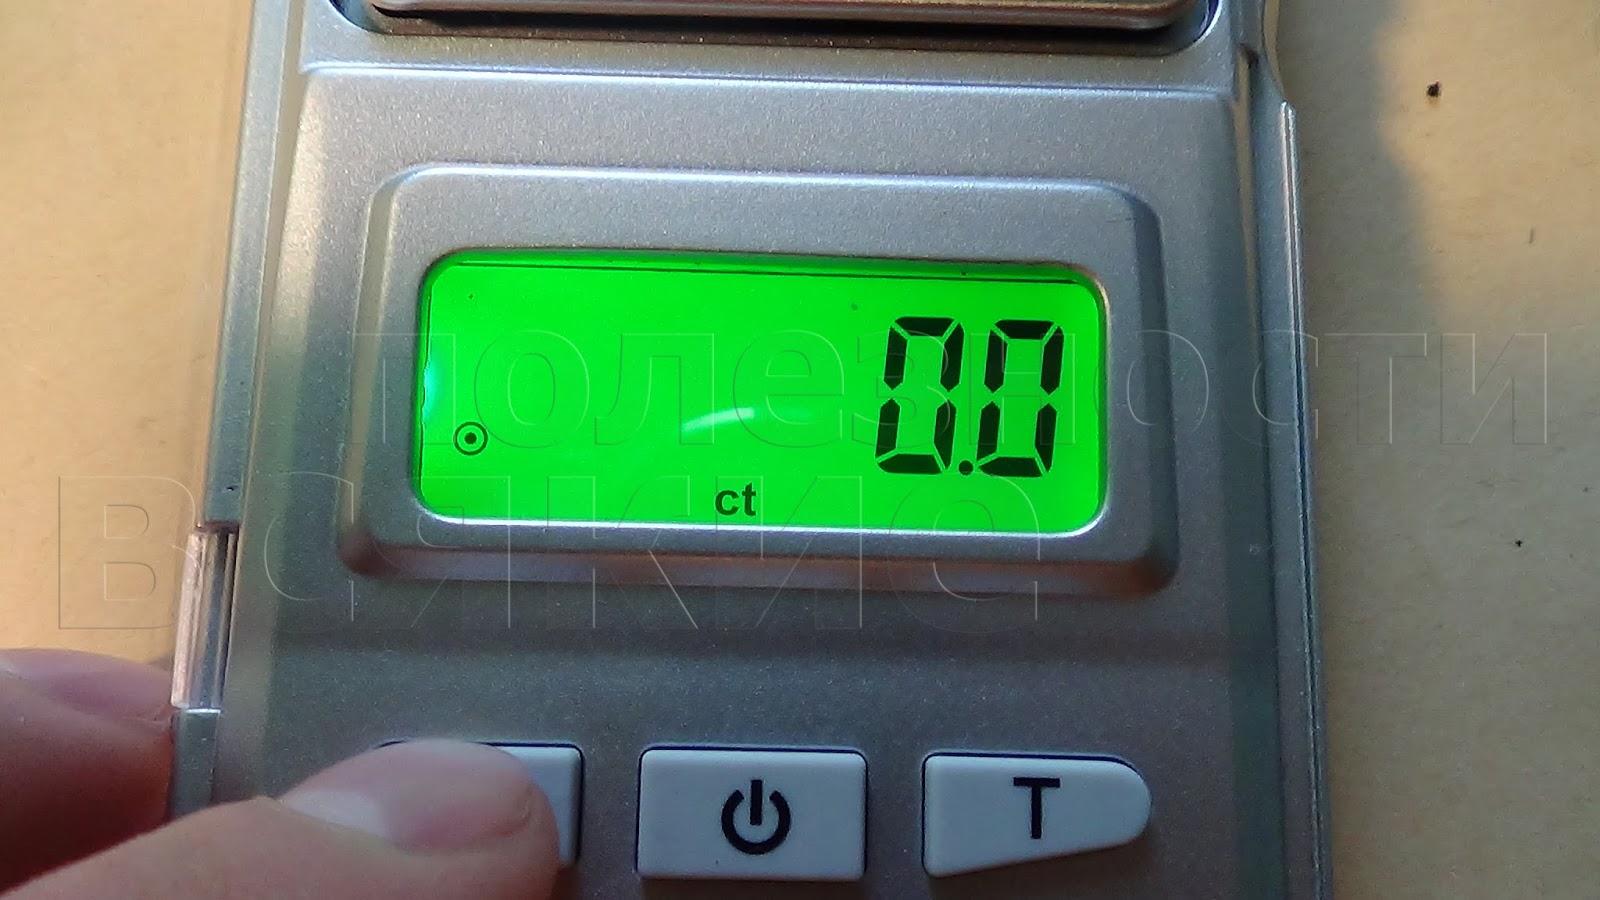 на этих электронных весах можно сразу измерять массу в каратах